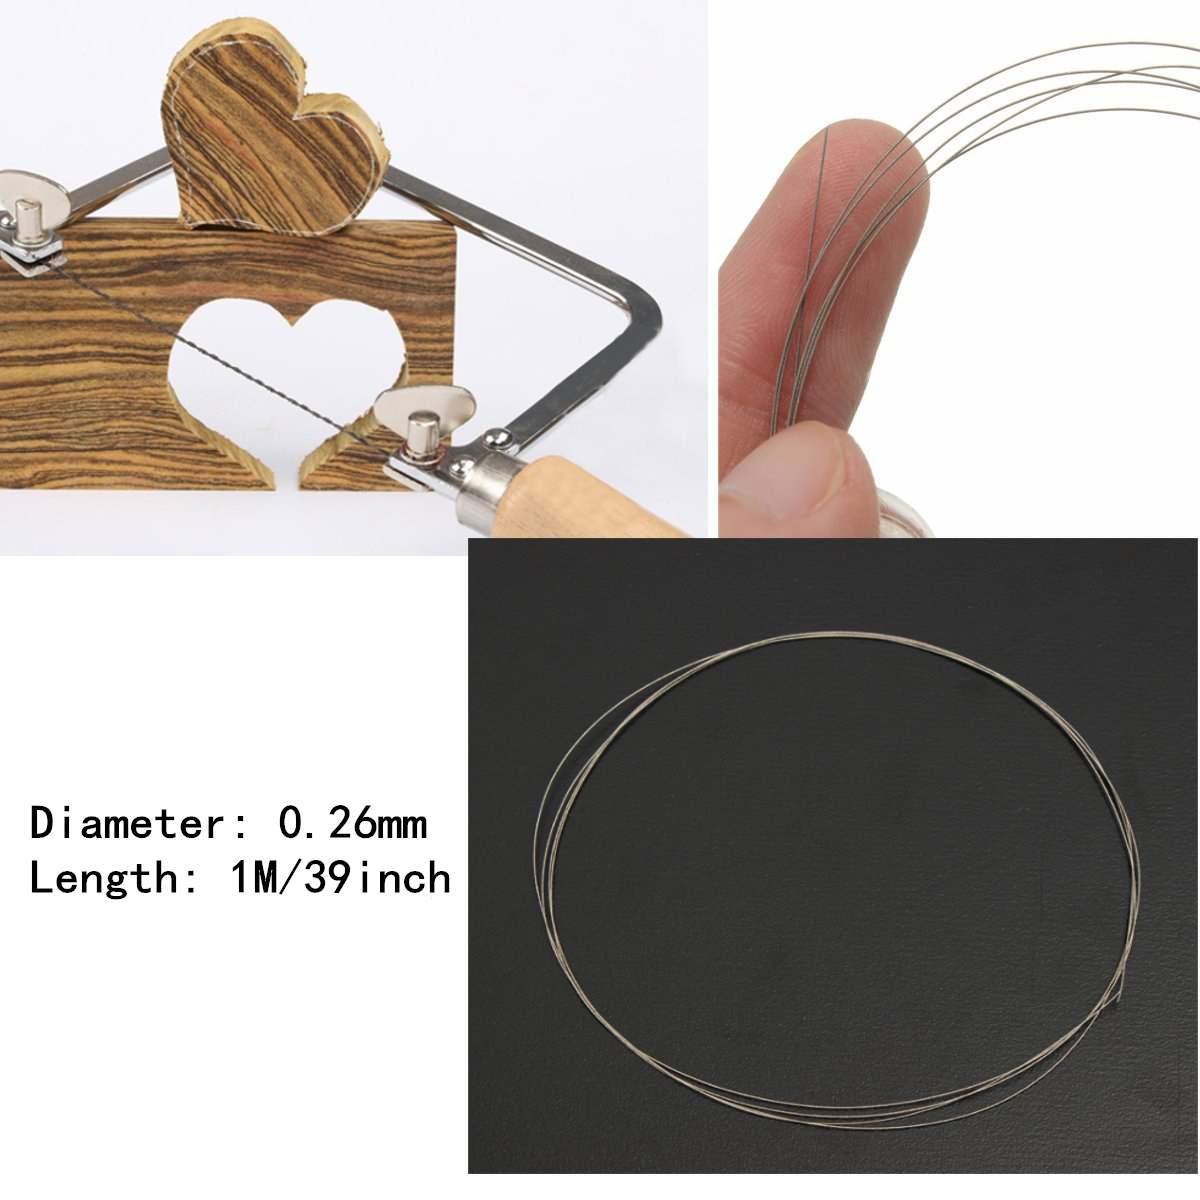 1 м Алмазные пилы для резки проволоки DIY для наждачной нефрит, металл, камень, стекло, камень, мрамор, гранит, Проволочная пила, режущий инструмент